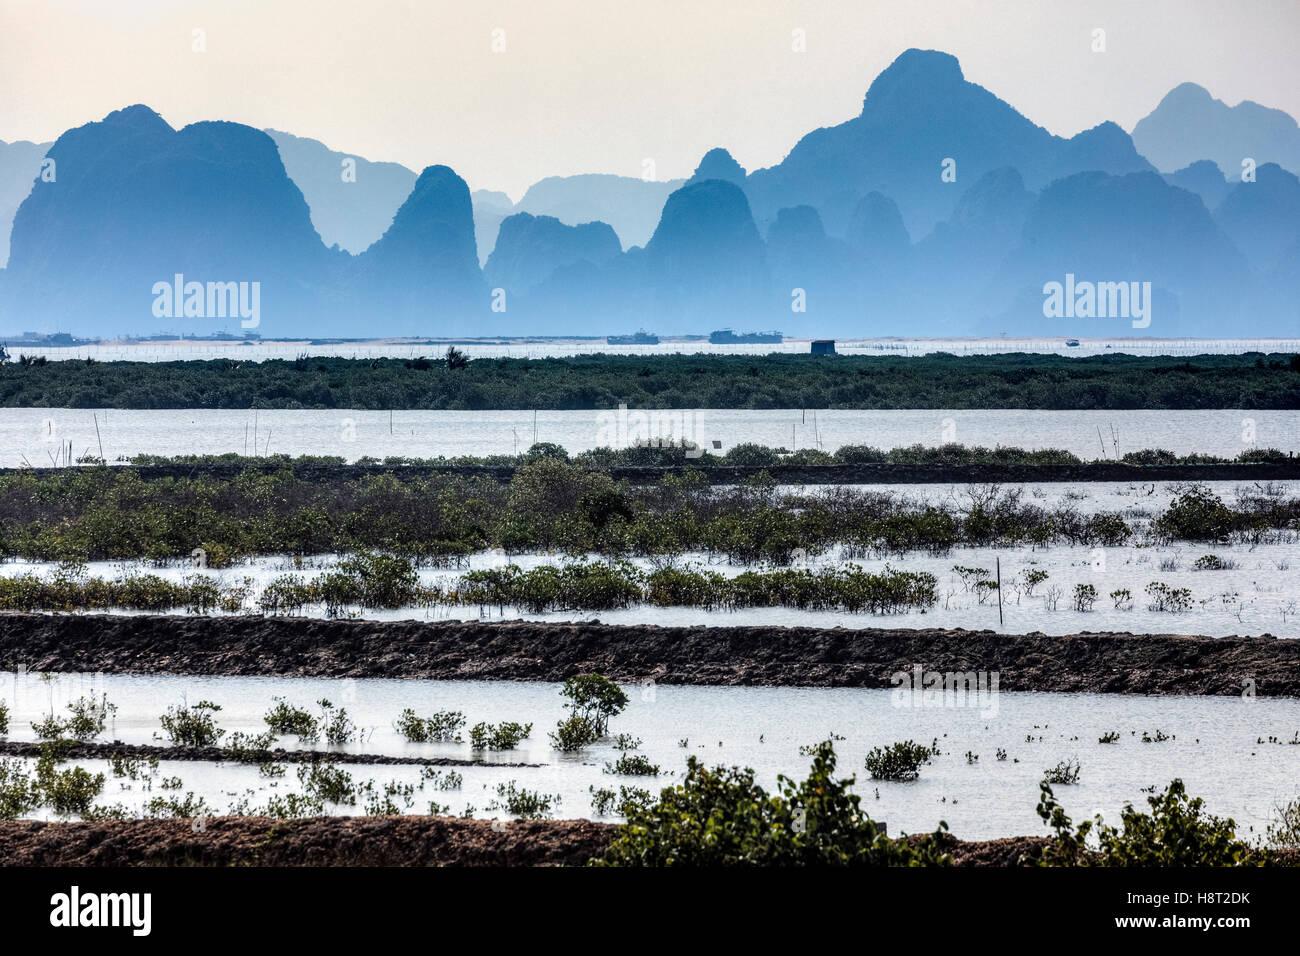 Granja de perlas en la Bahía de Halong, Vietnam, Indochina, Asia Foto de stock